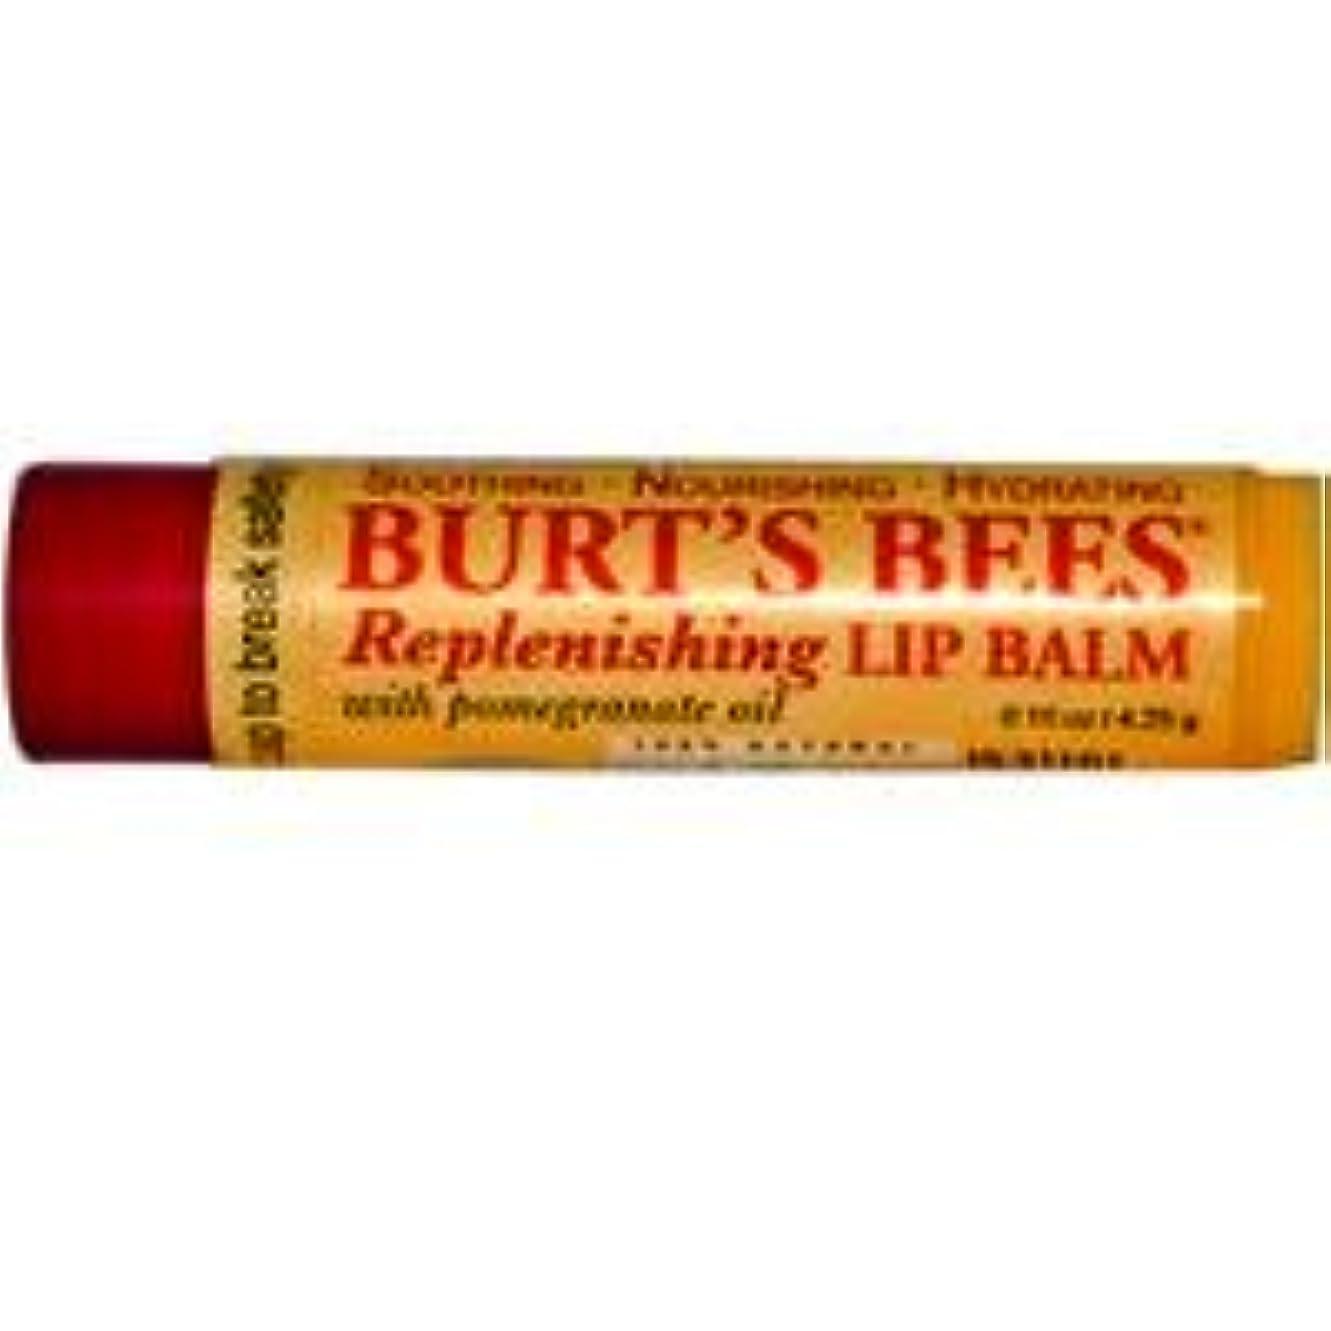 勝者クマノミ留まる[海外直送品] バーツビーズ(Burt's Bees) ポメグラネイト リップバーム 4.25g